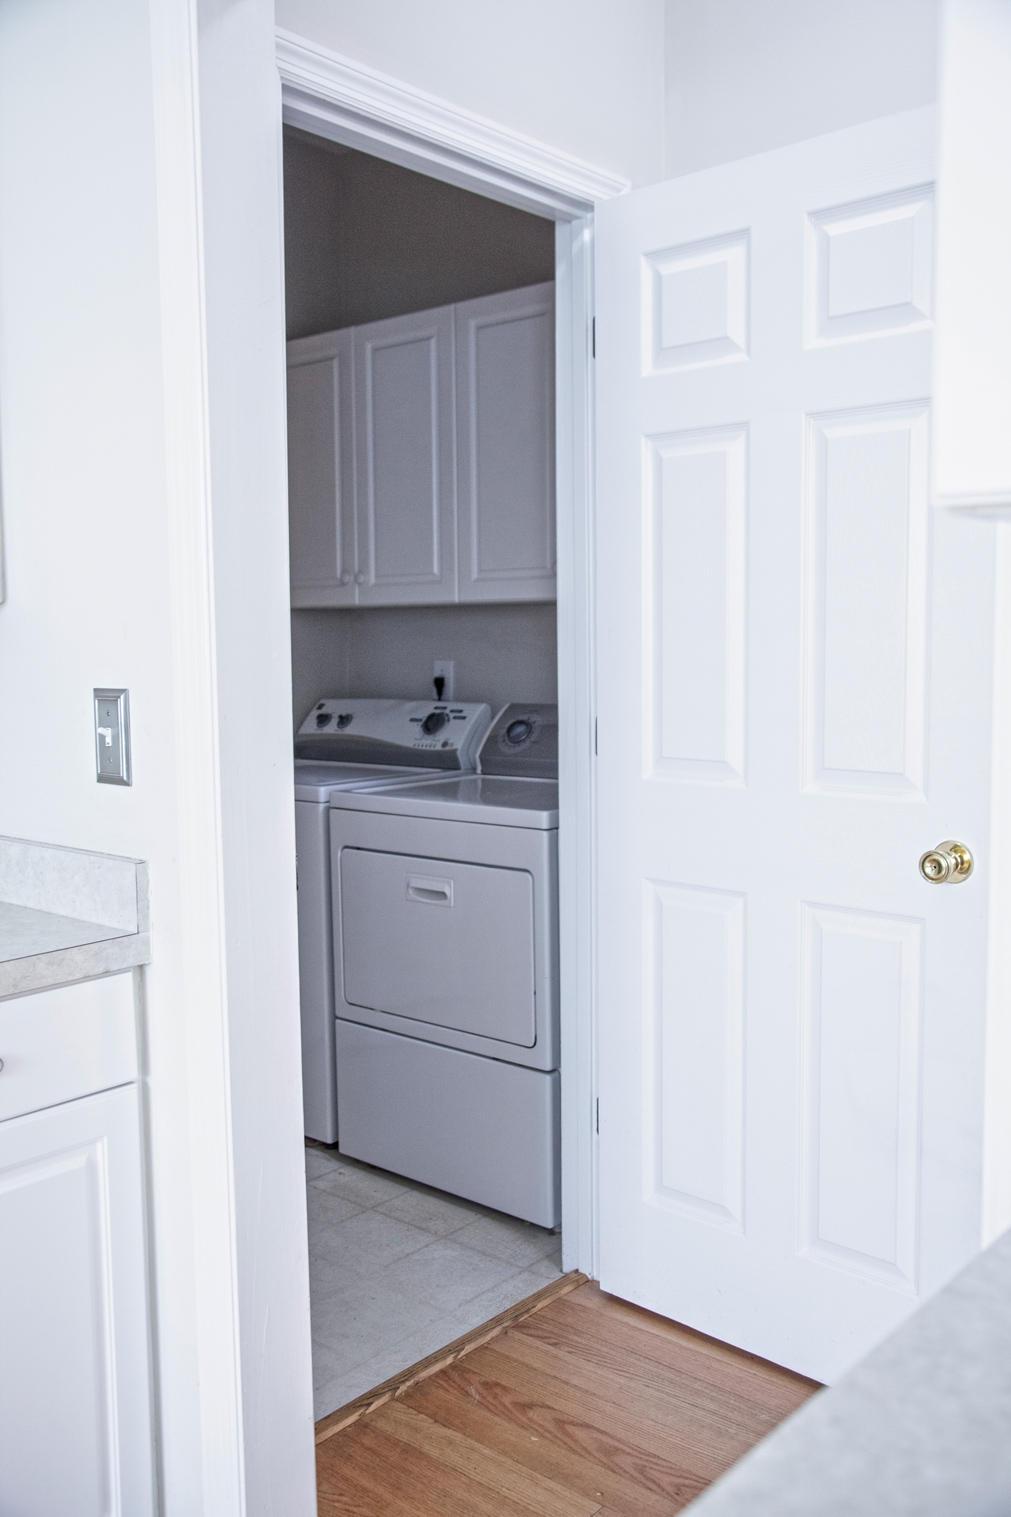 Park West Homes For Sale - 3190 John Bartram Place, Mount Pleasant, SC - 36